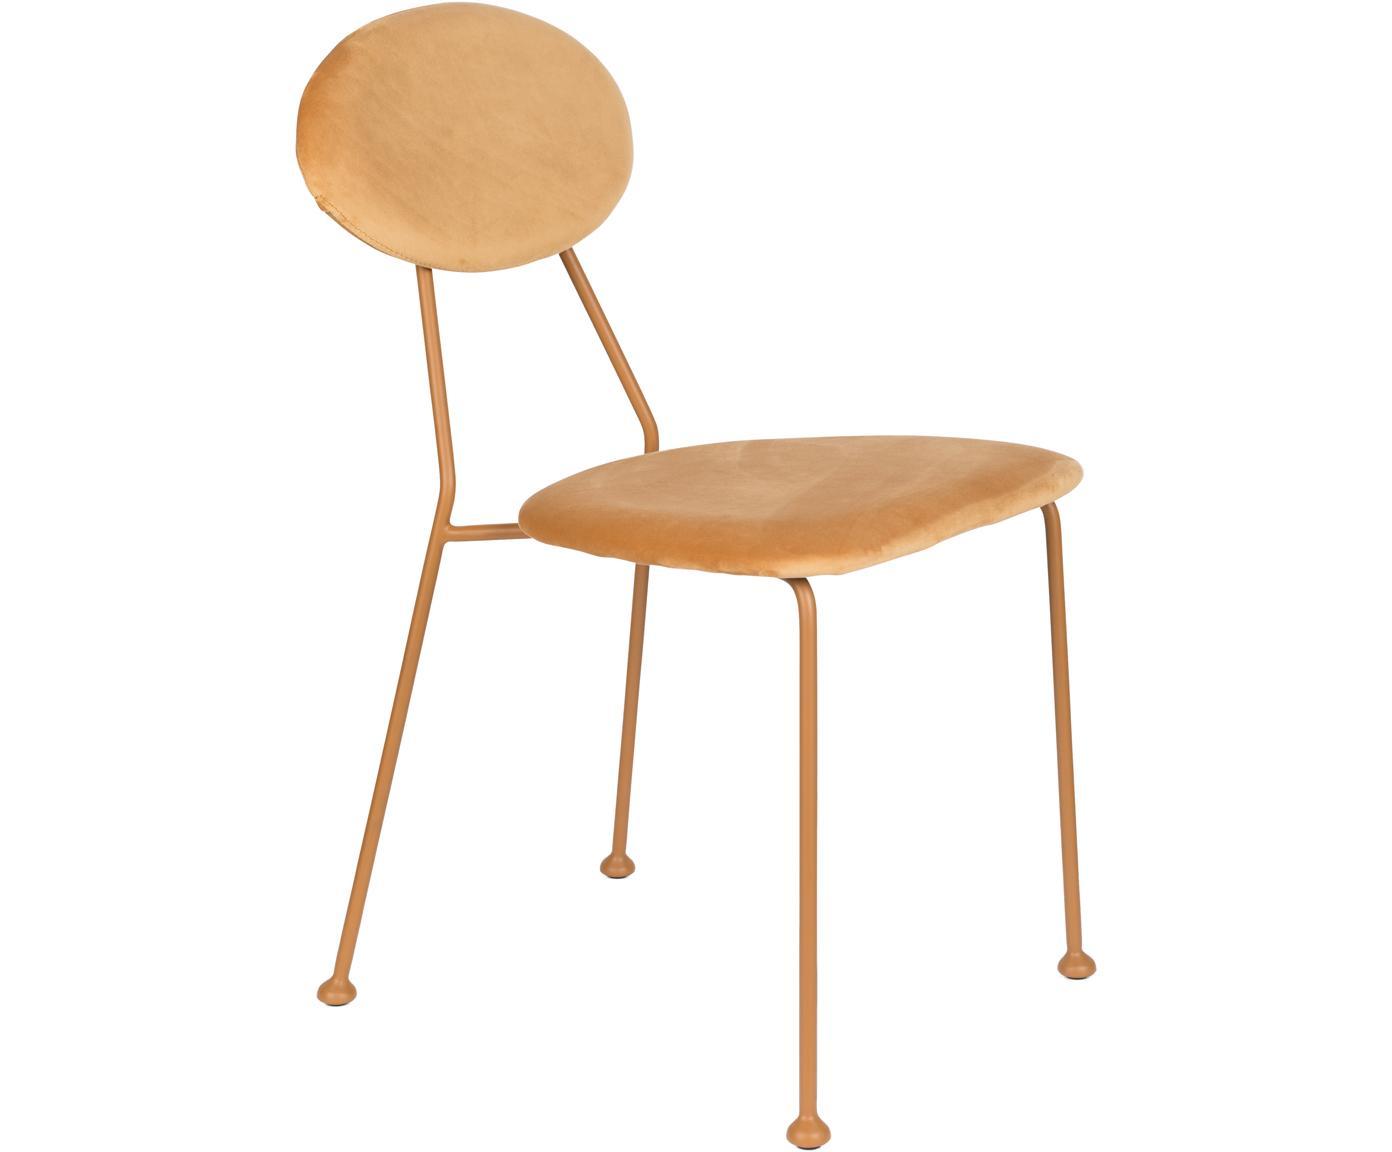 Krzesło tapicerowane z aksamitu Kiss The Froggy, Tapicerka: aksamit poliestrowy 3000, Stelaż: metal malowany proszkowo, Odcienie pomarańczowego złota, S 45 x G 51 cm